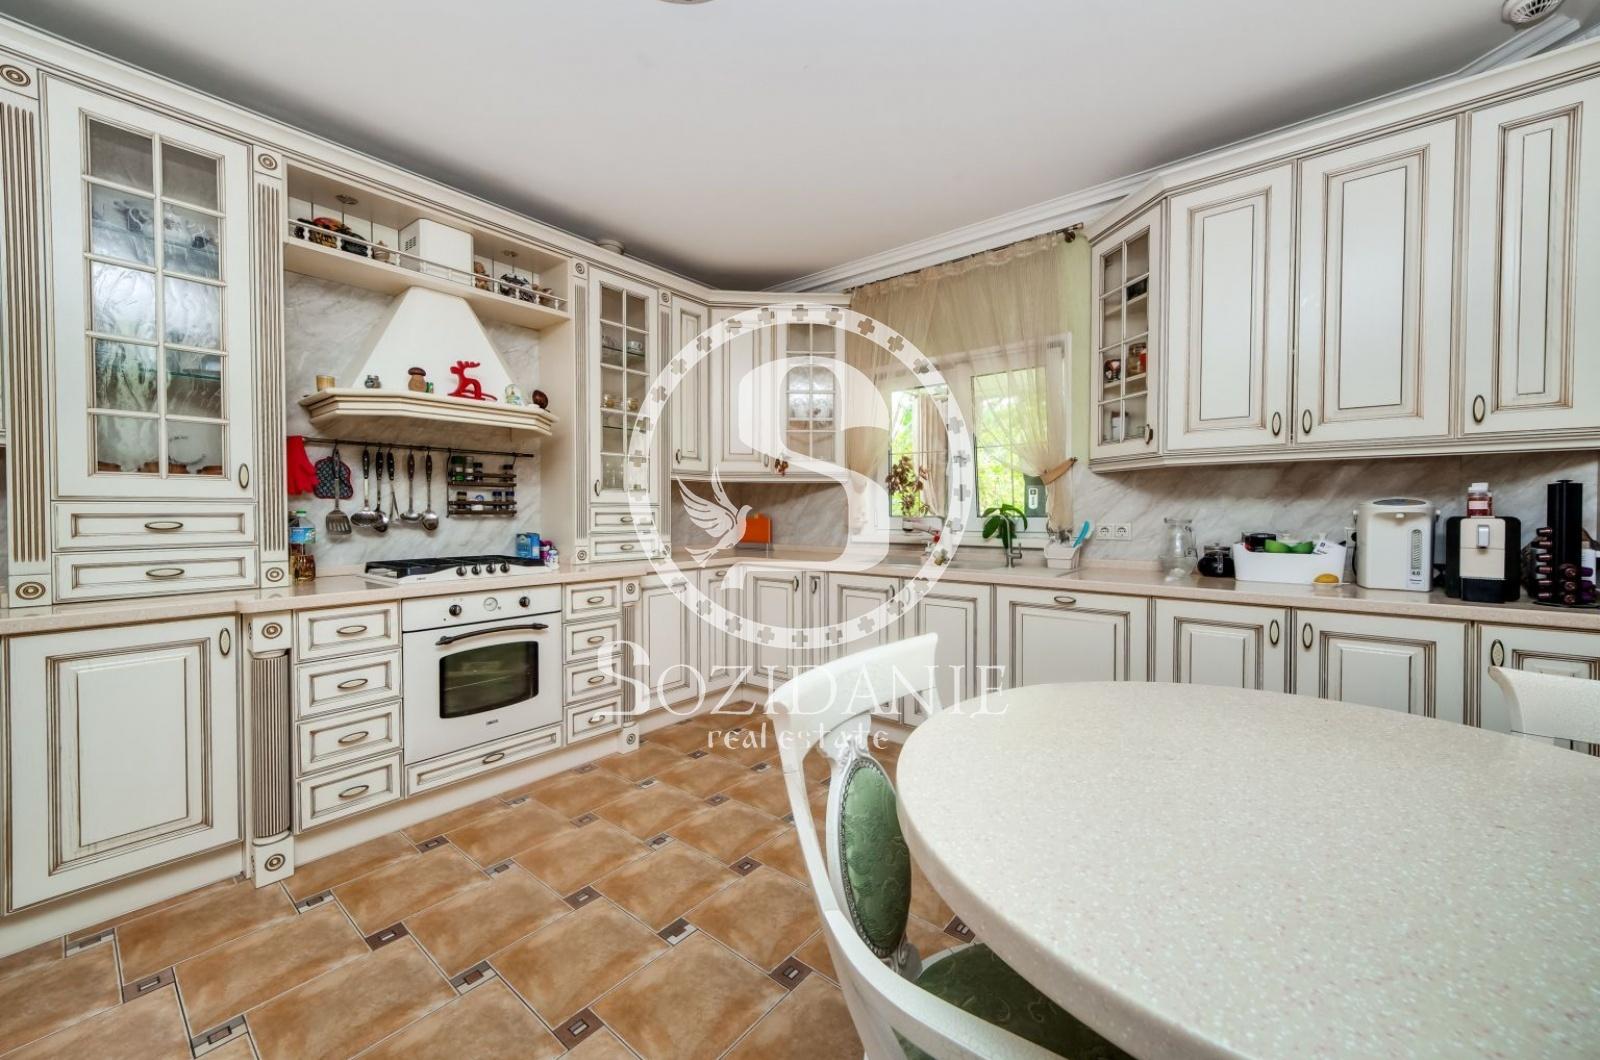 6 Bedrooms, Загородная, Продажа, Listing ID 2450, Московская область, Россия,